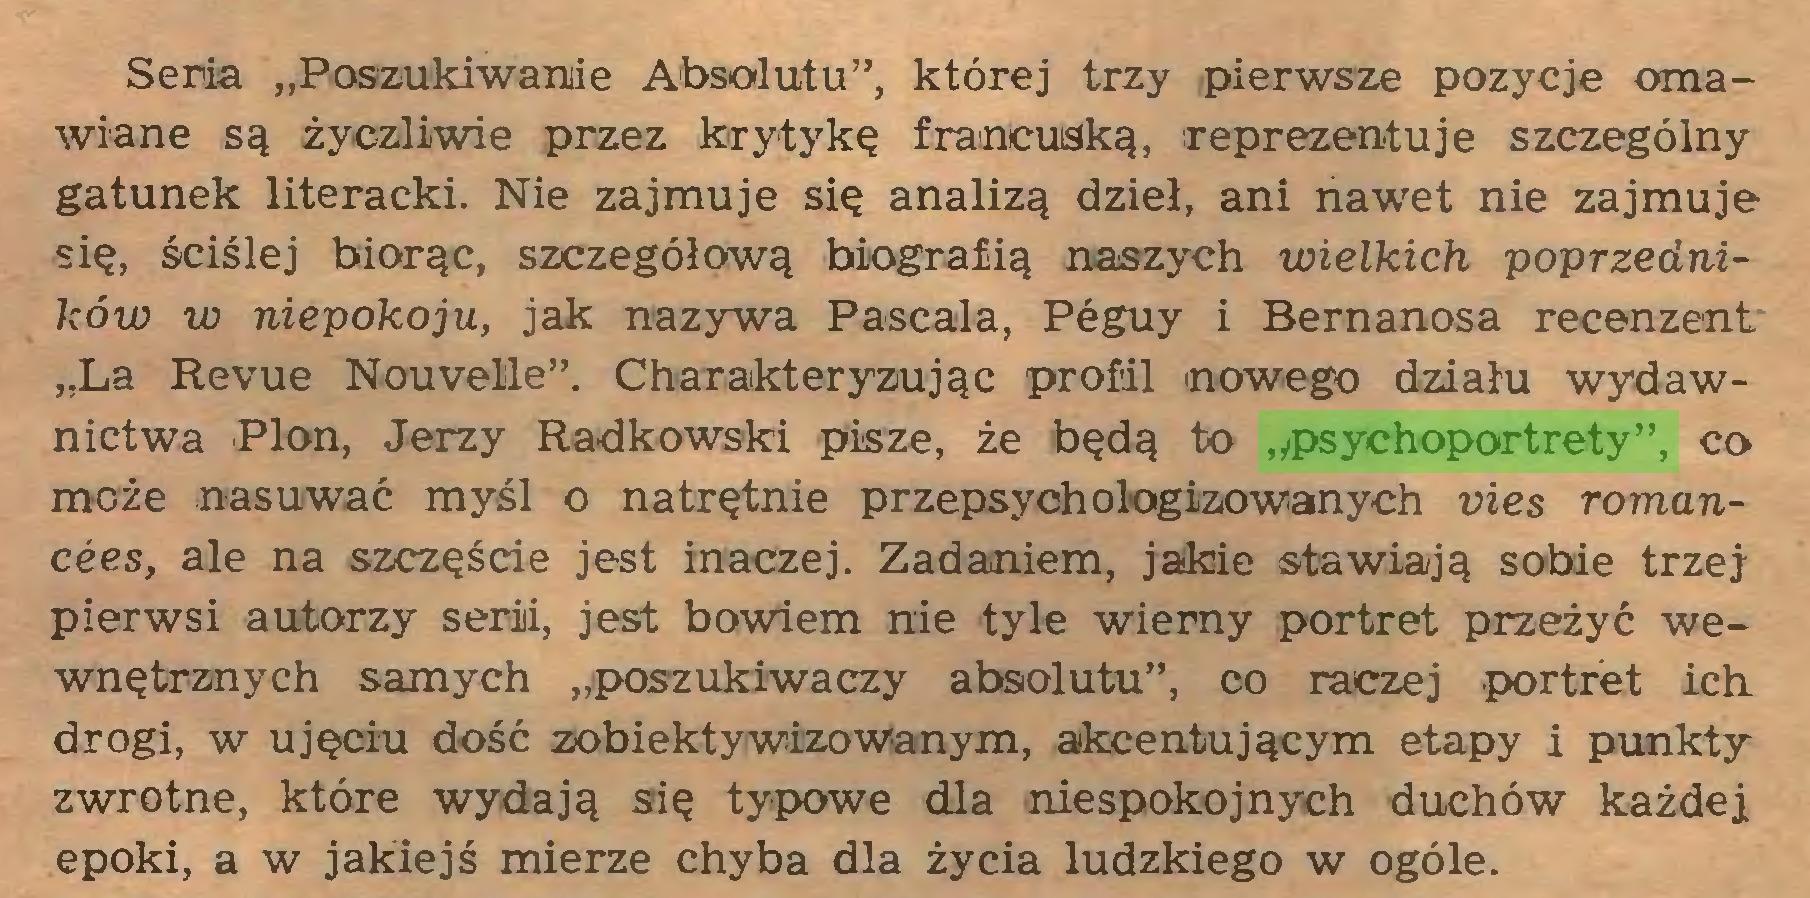 """(...) Seria """"Poszukiwanie Absolutu"""", której trzy pierwsze pozycje omawiane są życzliwie przez krytykę francuską, reprezentuje szczególny gatunek literacki. Nie zajmuje się analizą dzieł, ani nawet nie zajmuje się, ściślej biorąc, szczegółową biografią naszych wielkich poprzedników w niepokoju, jak nazywa Pascala, Péguy i Bernanosa recenzent """"La Revue Nouvelle"""". Charakteryzując profil nowego działu wydawnictwa Plon, Jerzy Radkowski pisze, że będą to """"psychoportrety"""", co może nasuwać myśl o natrętnie przepsychologizowanych vies romancées, ale na szczęście jest inaczej. Zadaniem, jakie stawiają sobie trzej pierwsi autorzy serii, jest bowiem nie tyle wiemy portret przeżyć wewnętrznych samych """"poszukiwaczy absolutu"""", co raczej portret ich drogi, w ujęciu dość zobiektywizowanym, akcentującym etapy i punkty zwrotne, które wydają się typowe dla niespokojnych duchów każdej epoki, a w jakiejś mierze chyba dla życia ludzkiego w ogóle..."""